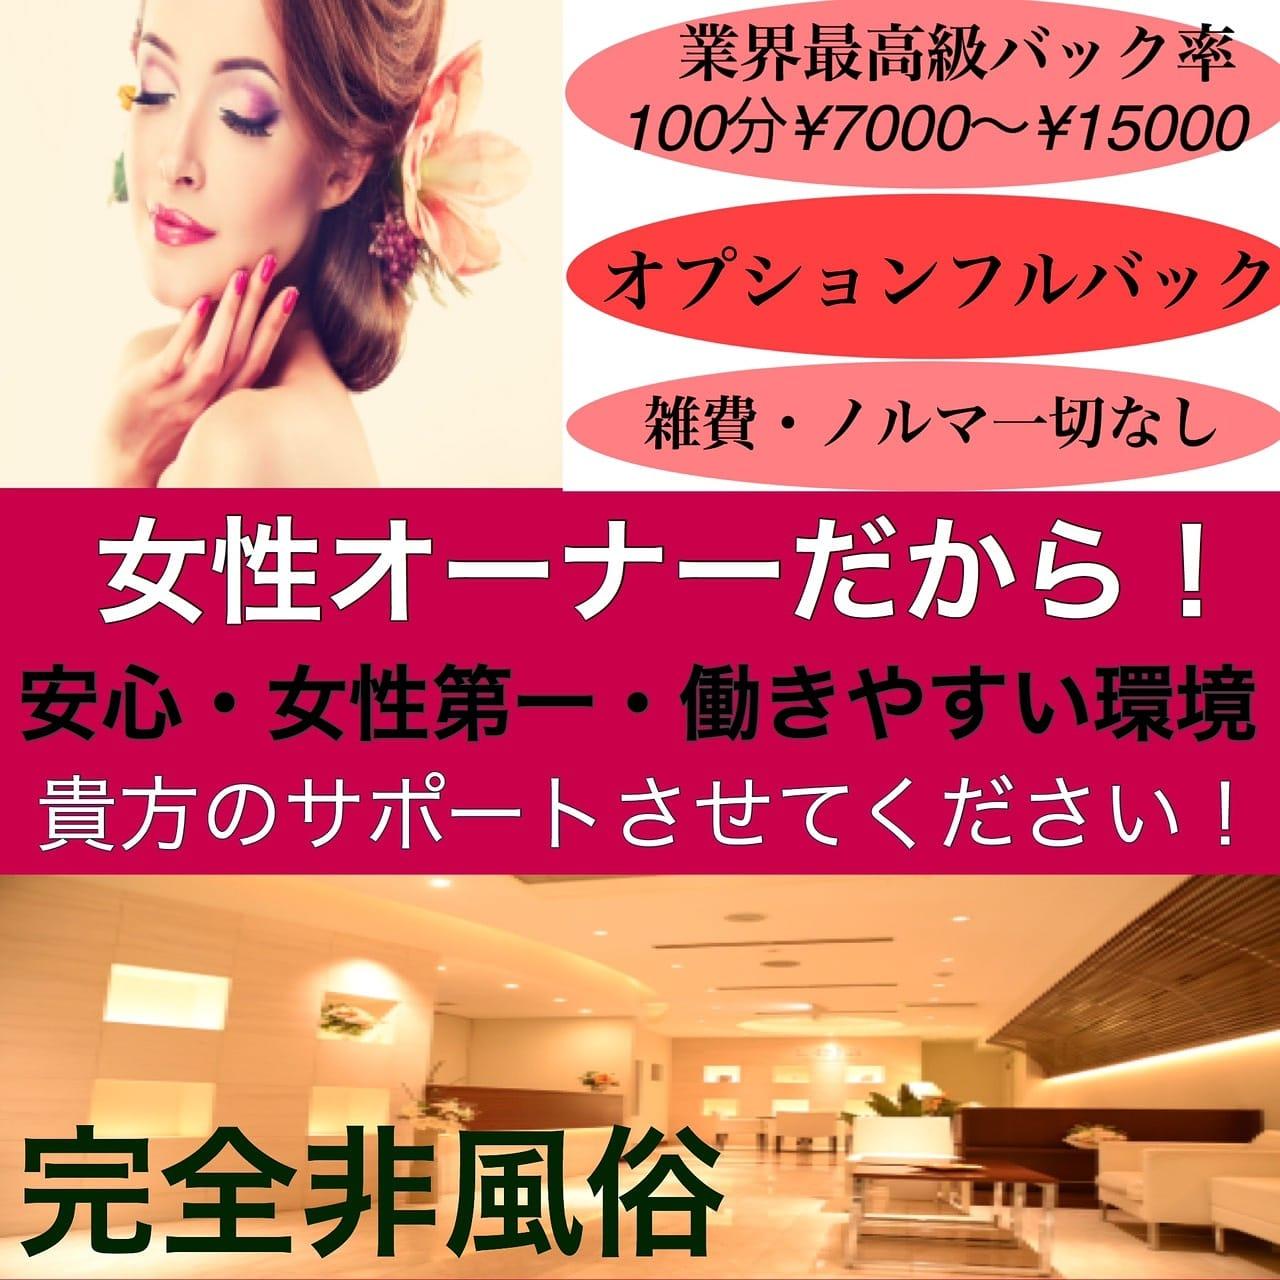 ☆セラピストさん大募集☆ idealの求人ブログ